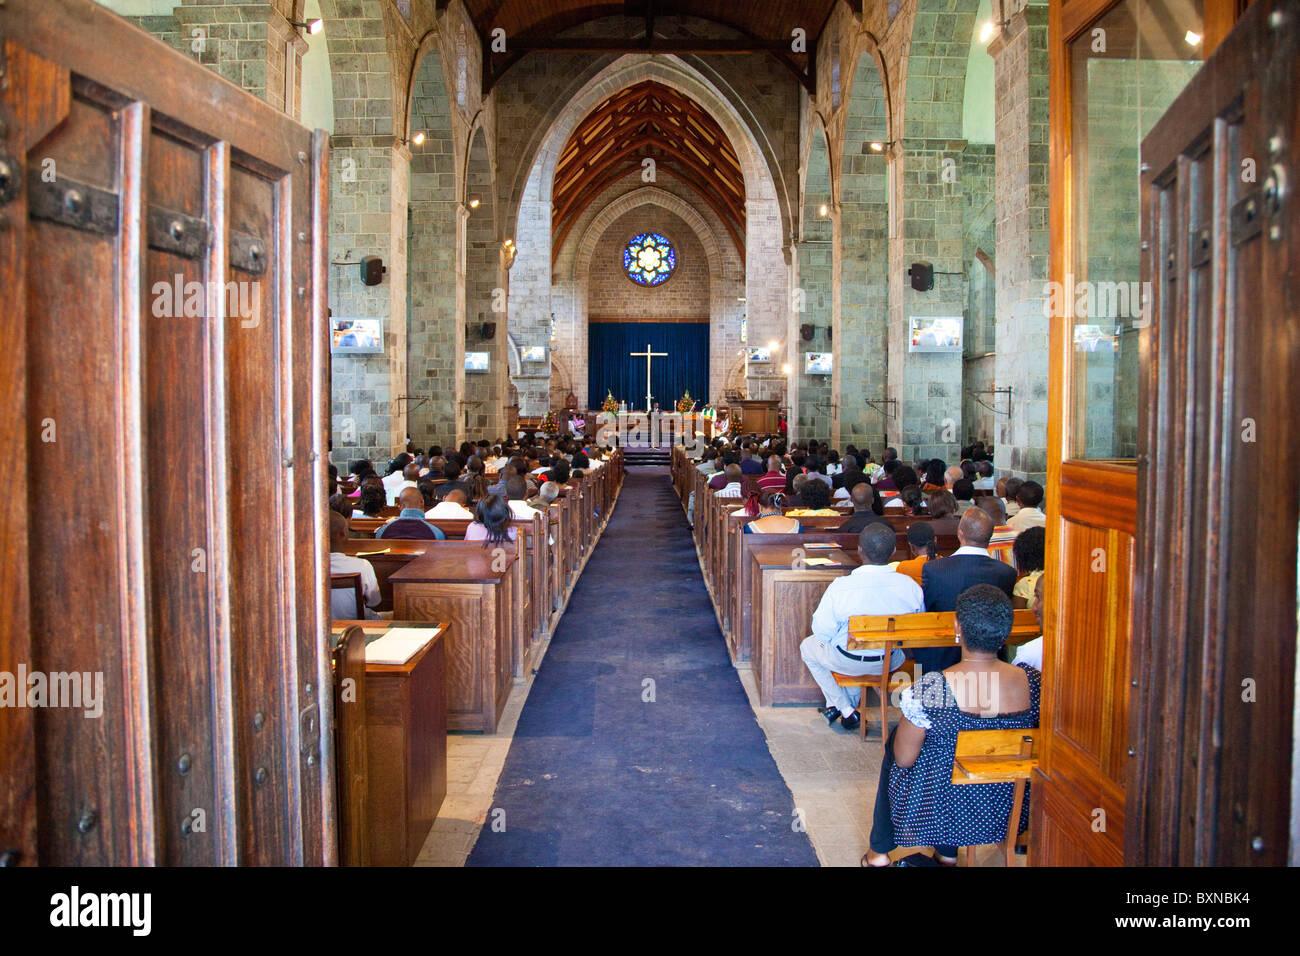 All Saints Cathedral, Anglican Church of Kenya, Nairobi, Kenya - Stock Image